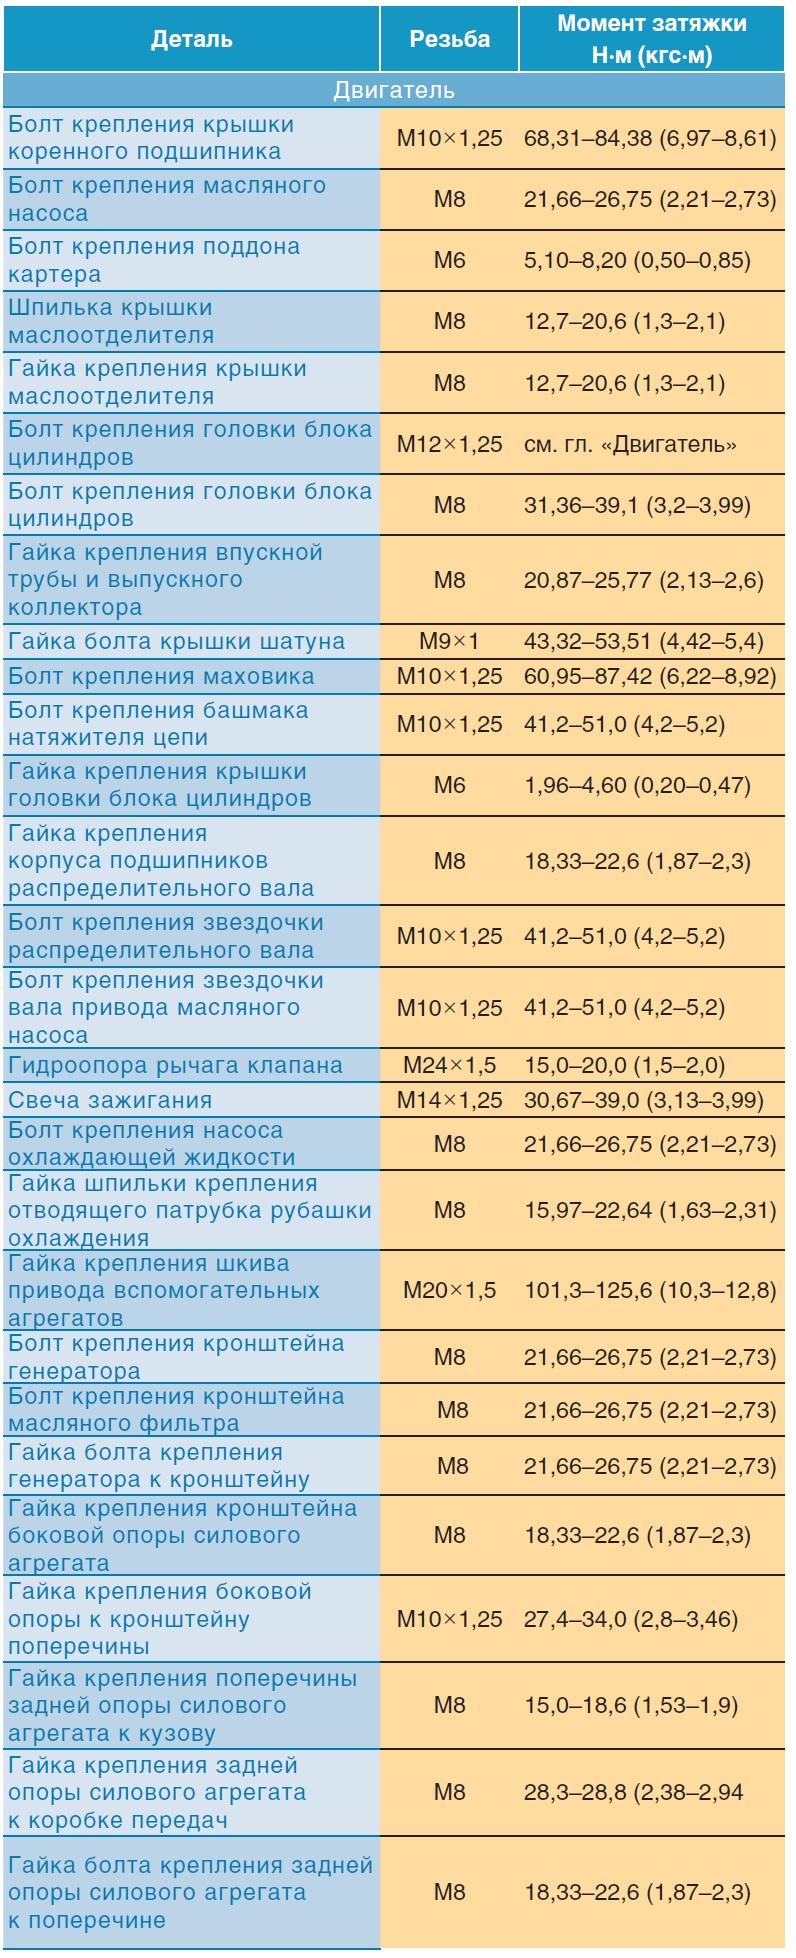 Моменты затяжки ответственных резьбовых соединений Шевроле Нива